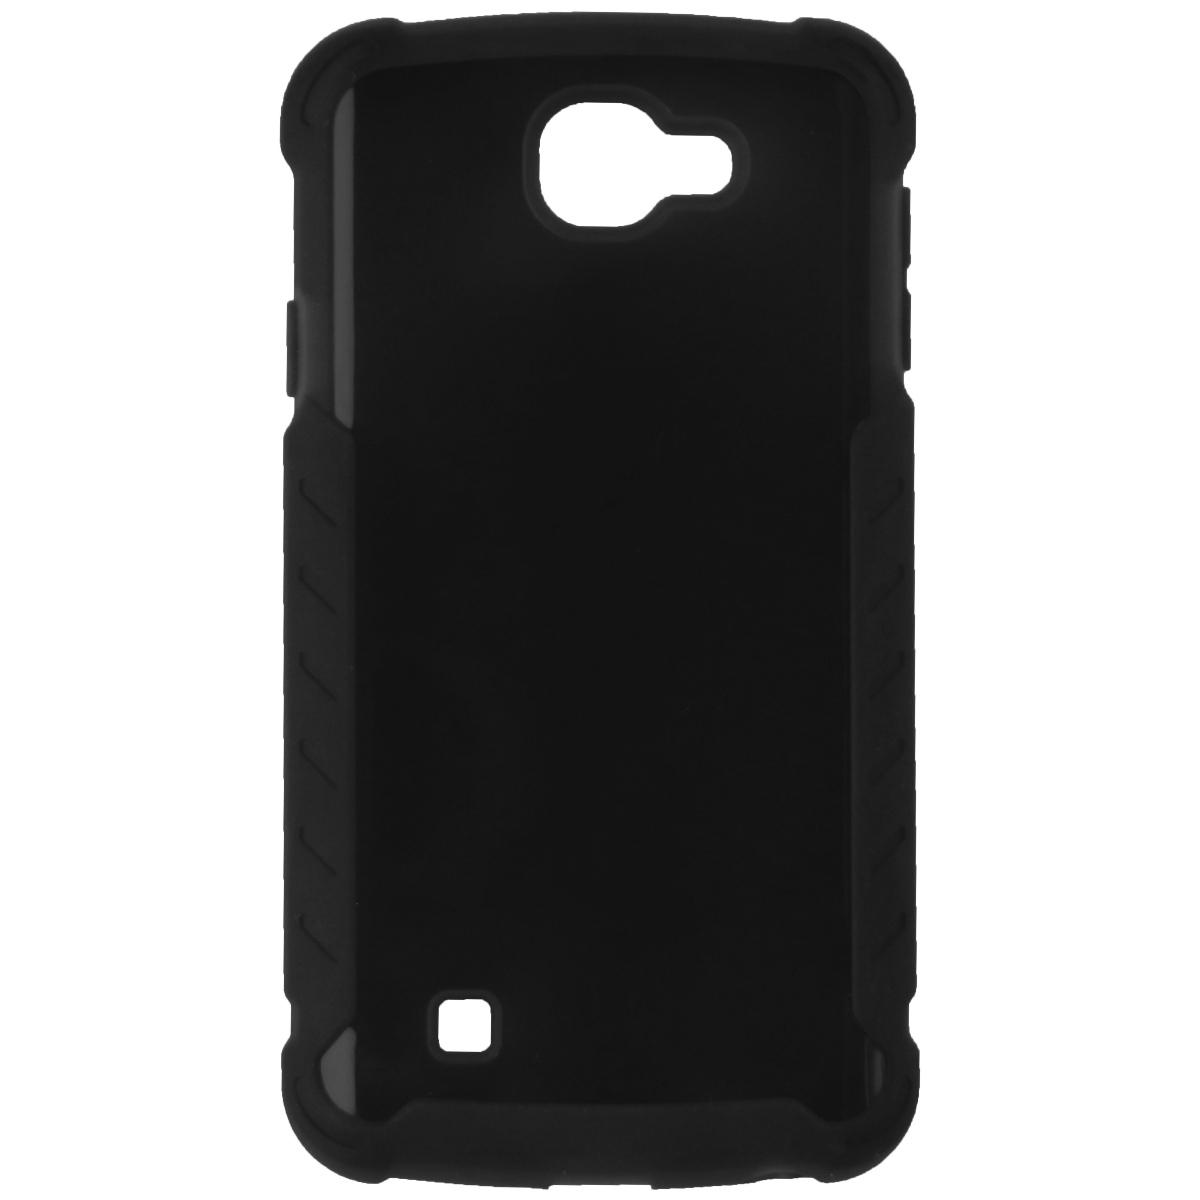 Verizon Silicon Cover Protective Case for LG K4 - Matte Black